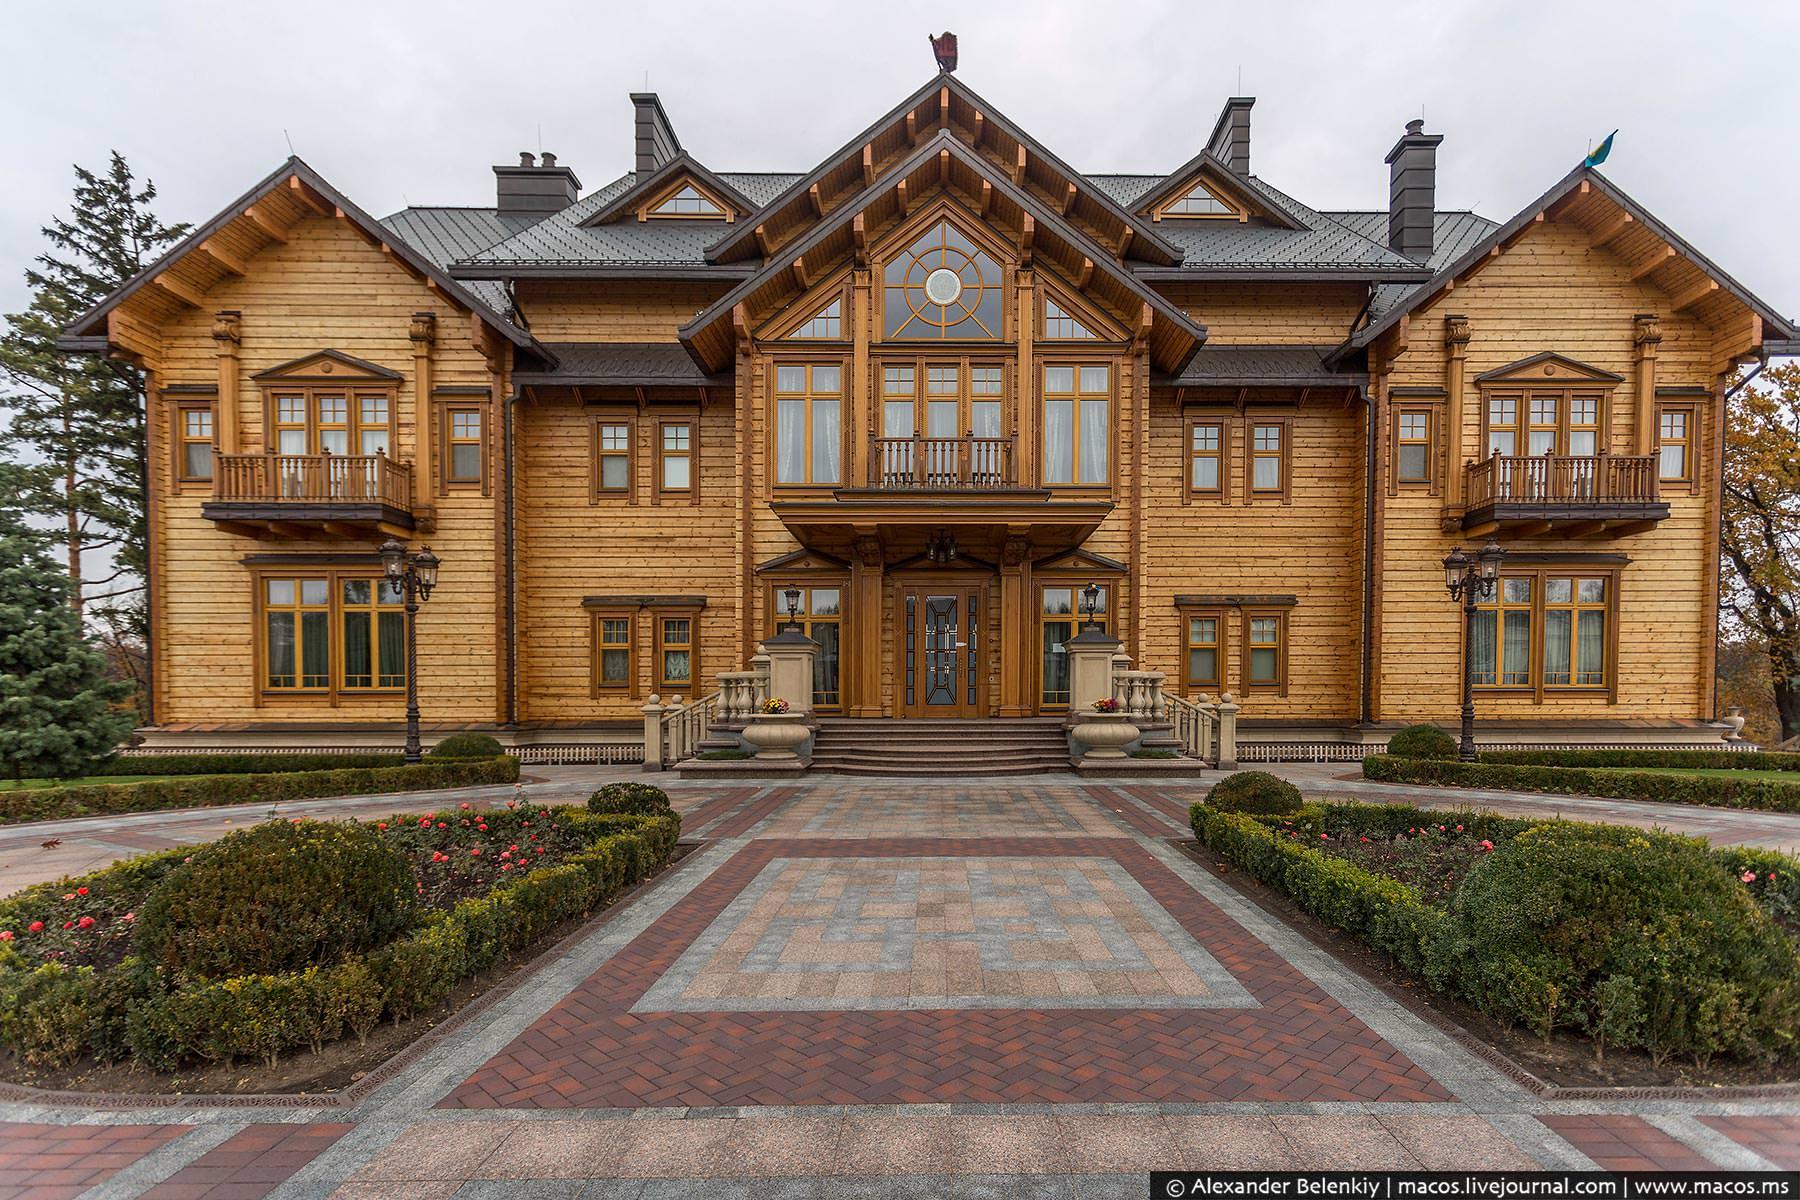 http://www.pravda-tv.ru/wp-content/uploads/2014/11/LR2014.10-UA-Residence-9.jpg